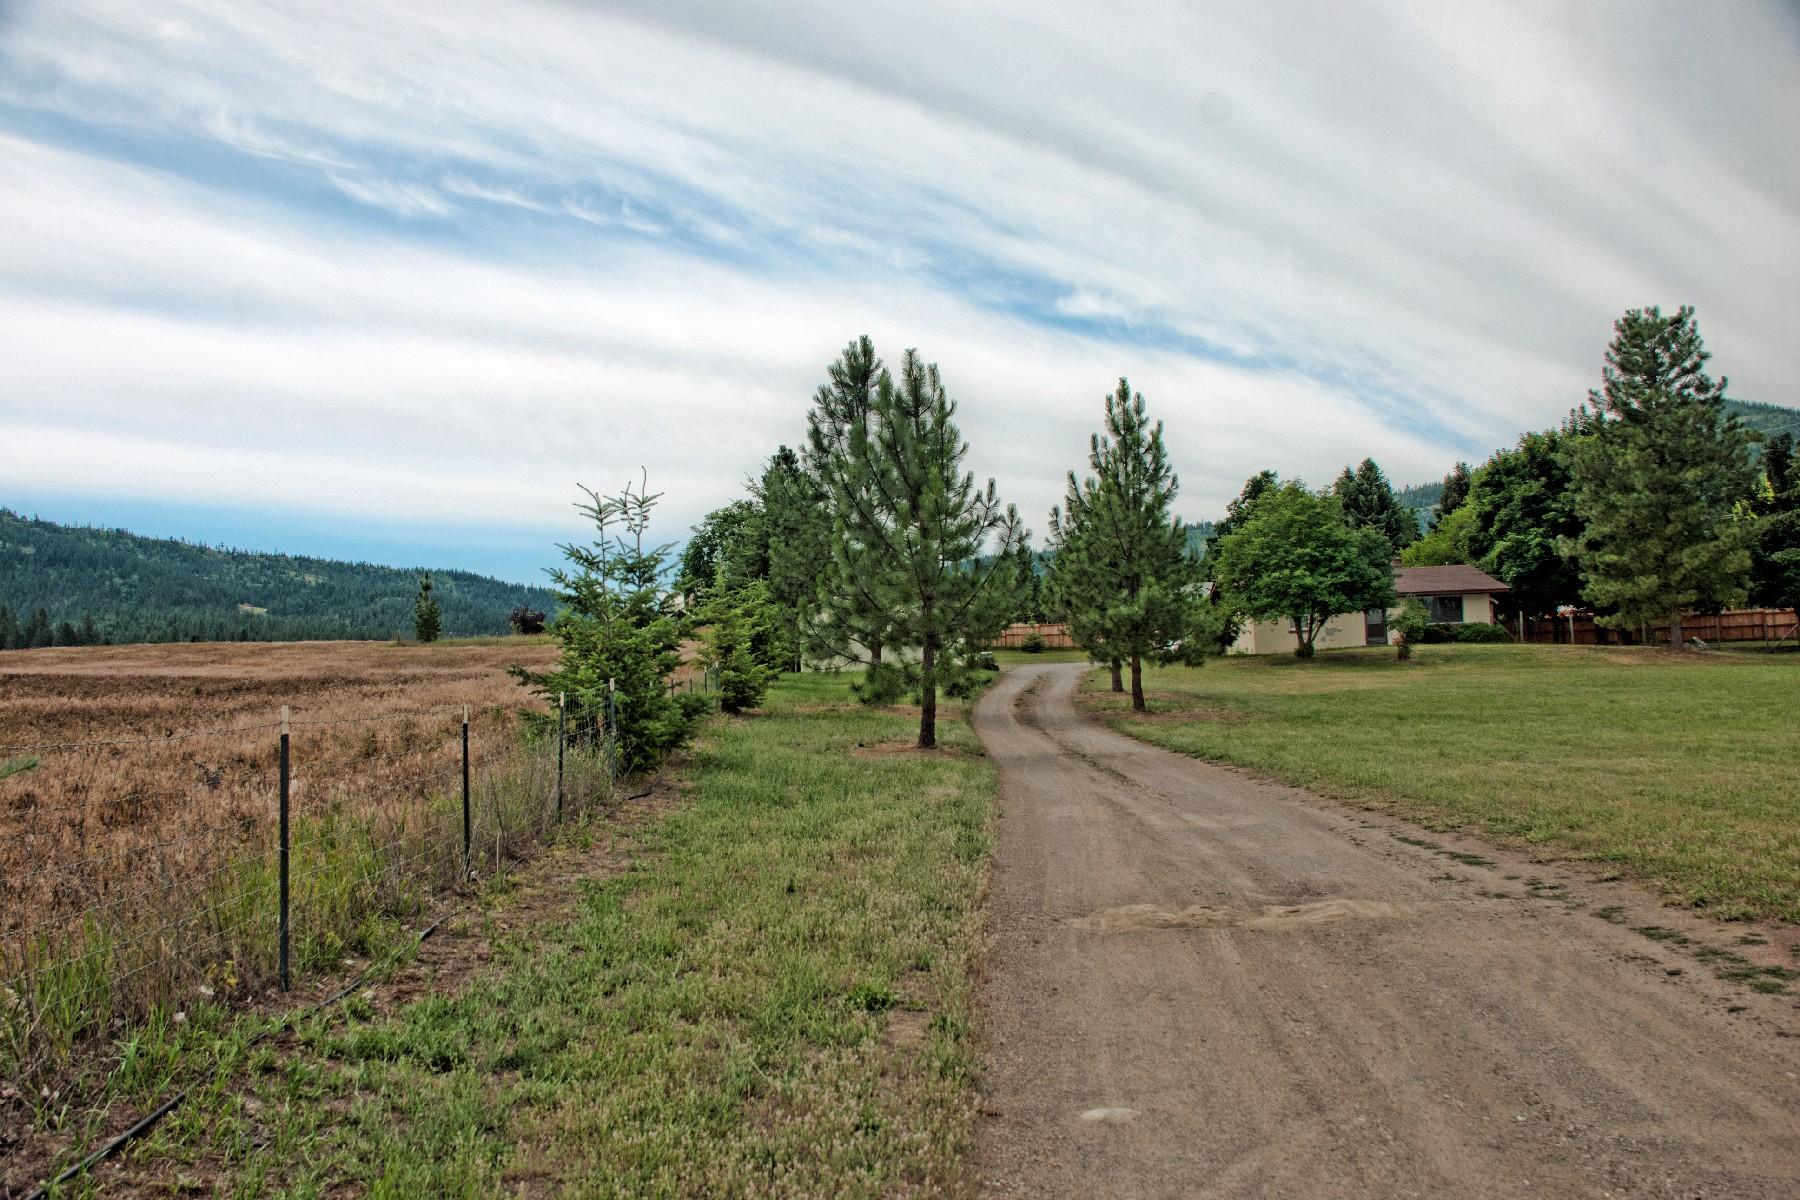 Maison unifamiliale pour l Vente à 9604 W. Driftwood 9604 W. Driftwood Dr. Coeur D Alene, Idaho 83814 États-Unis